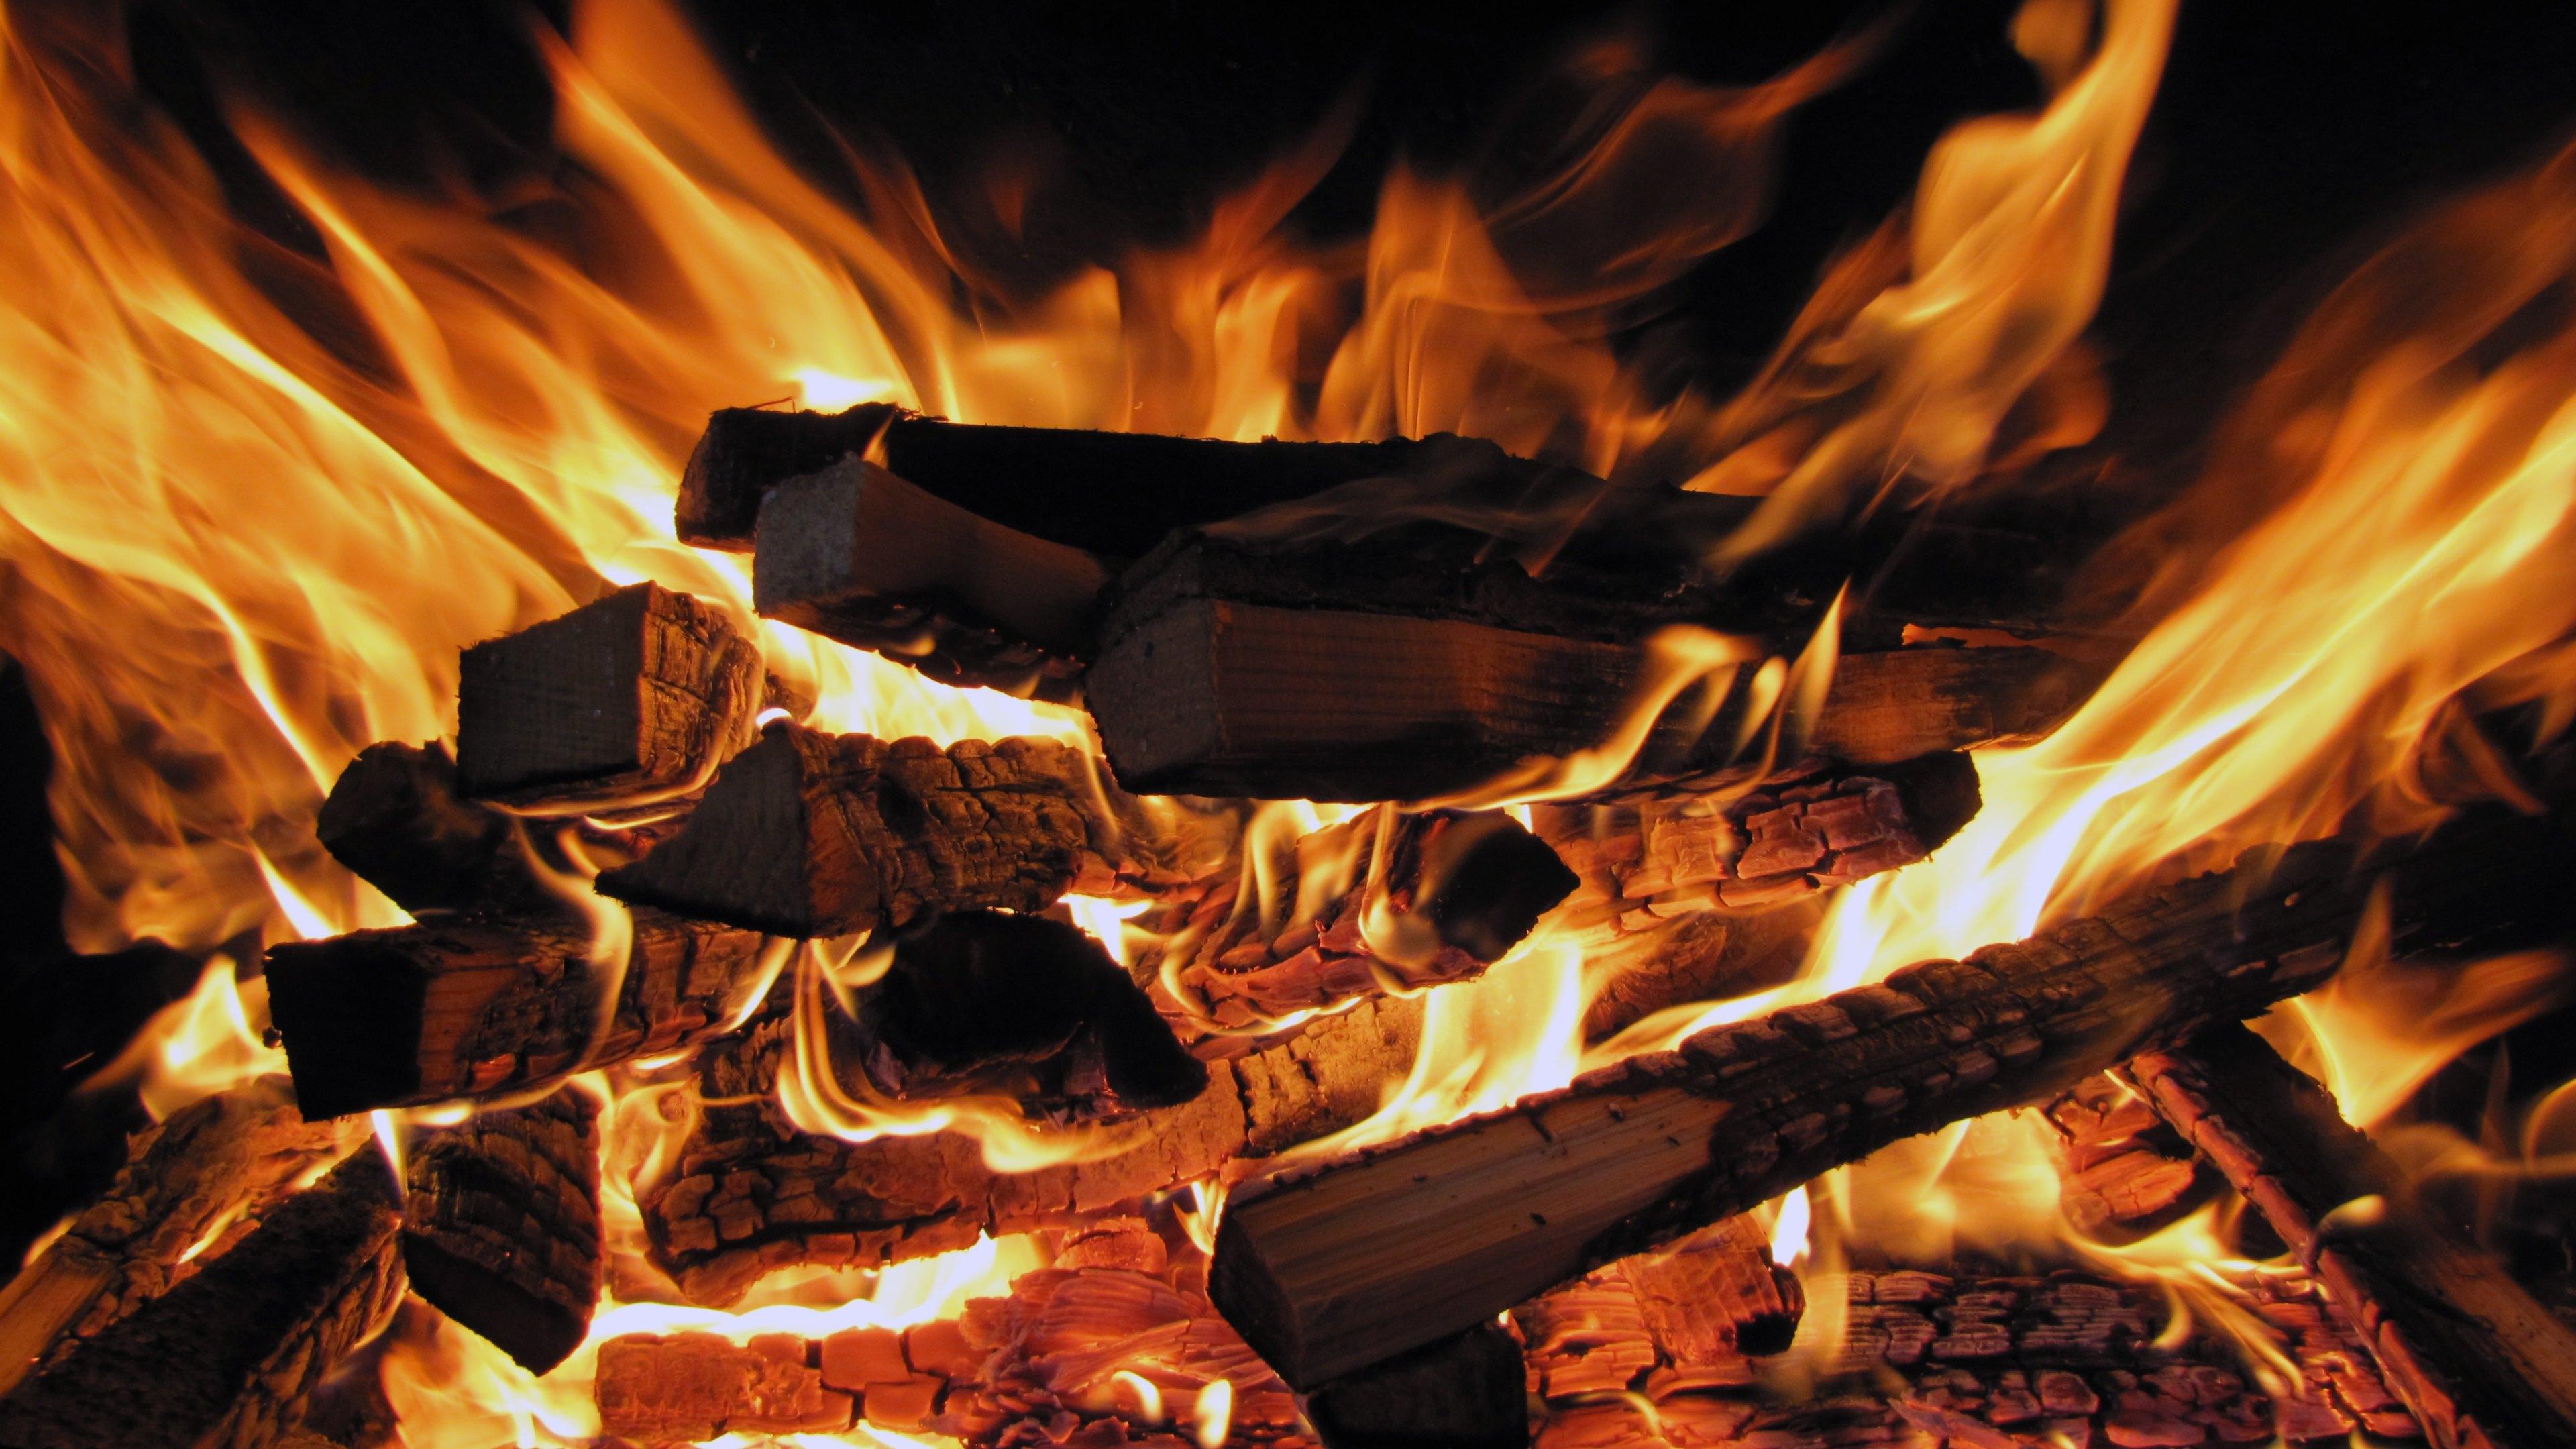 burning wood wallpaper ndash - photo #9